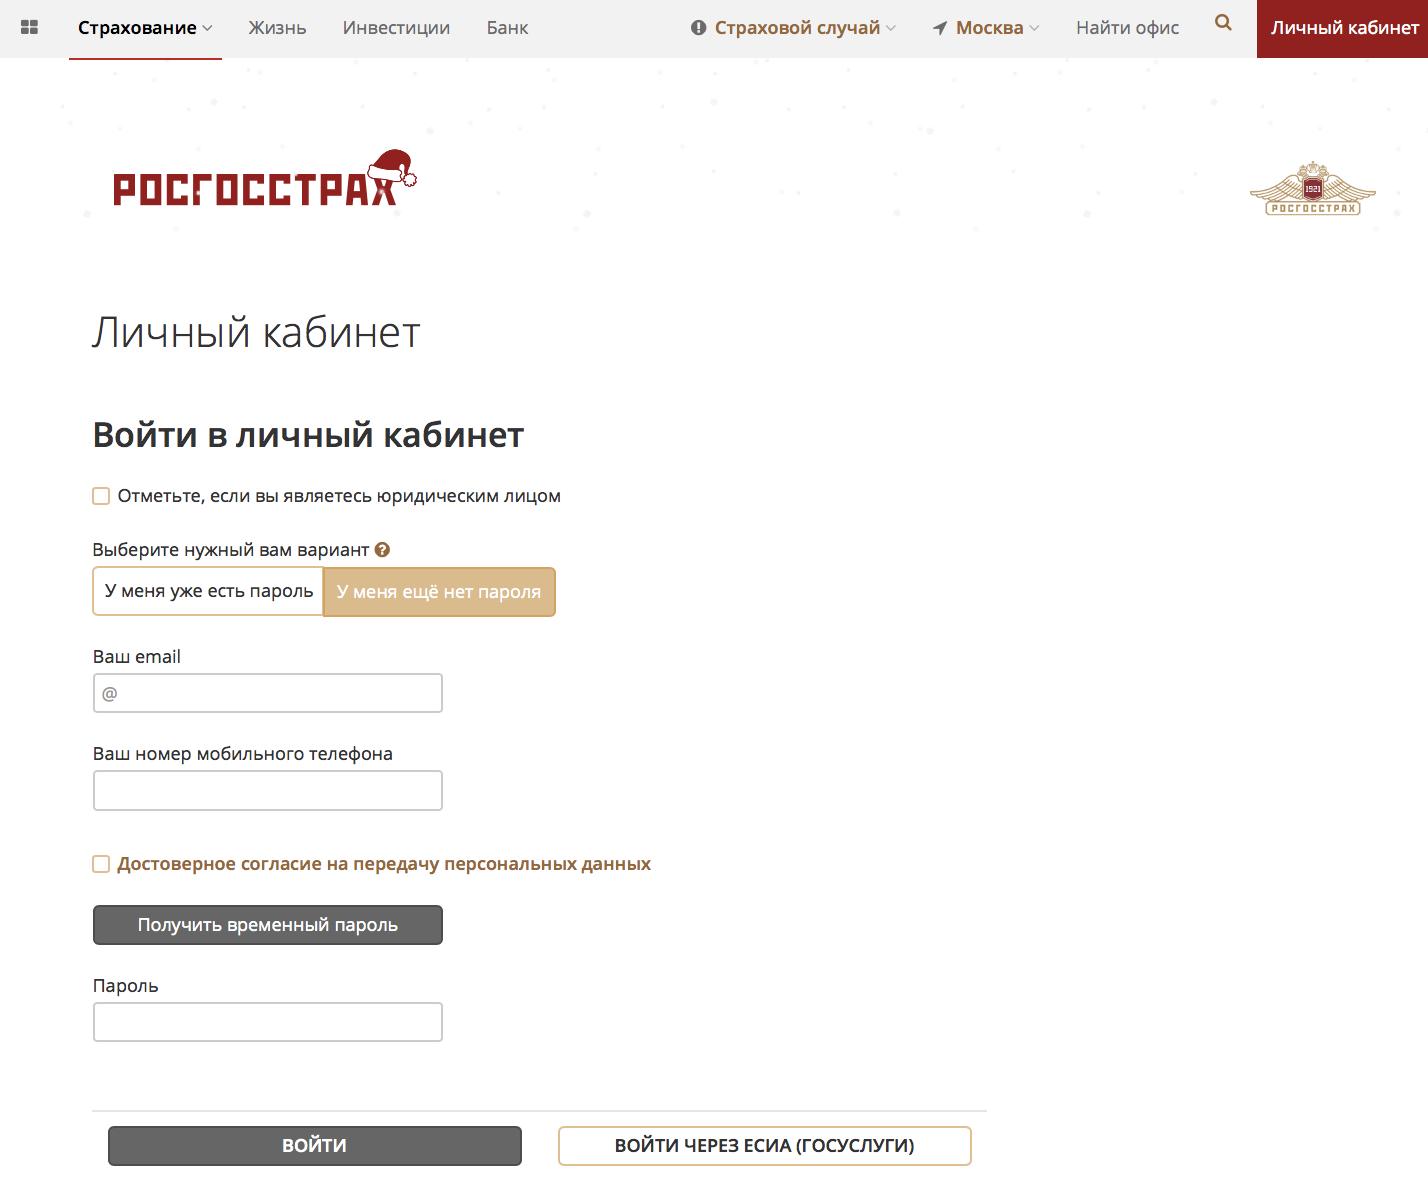 Росгосстрах георгиевск официальный сайт